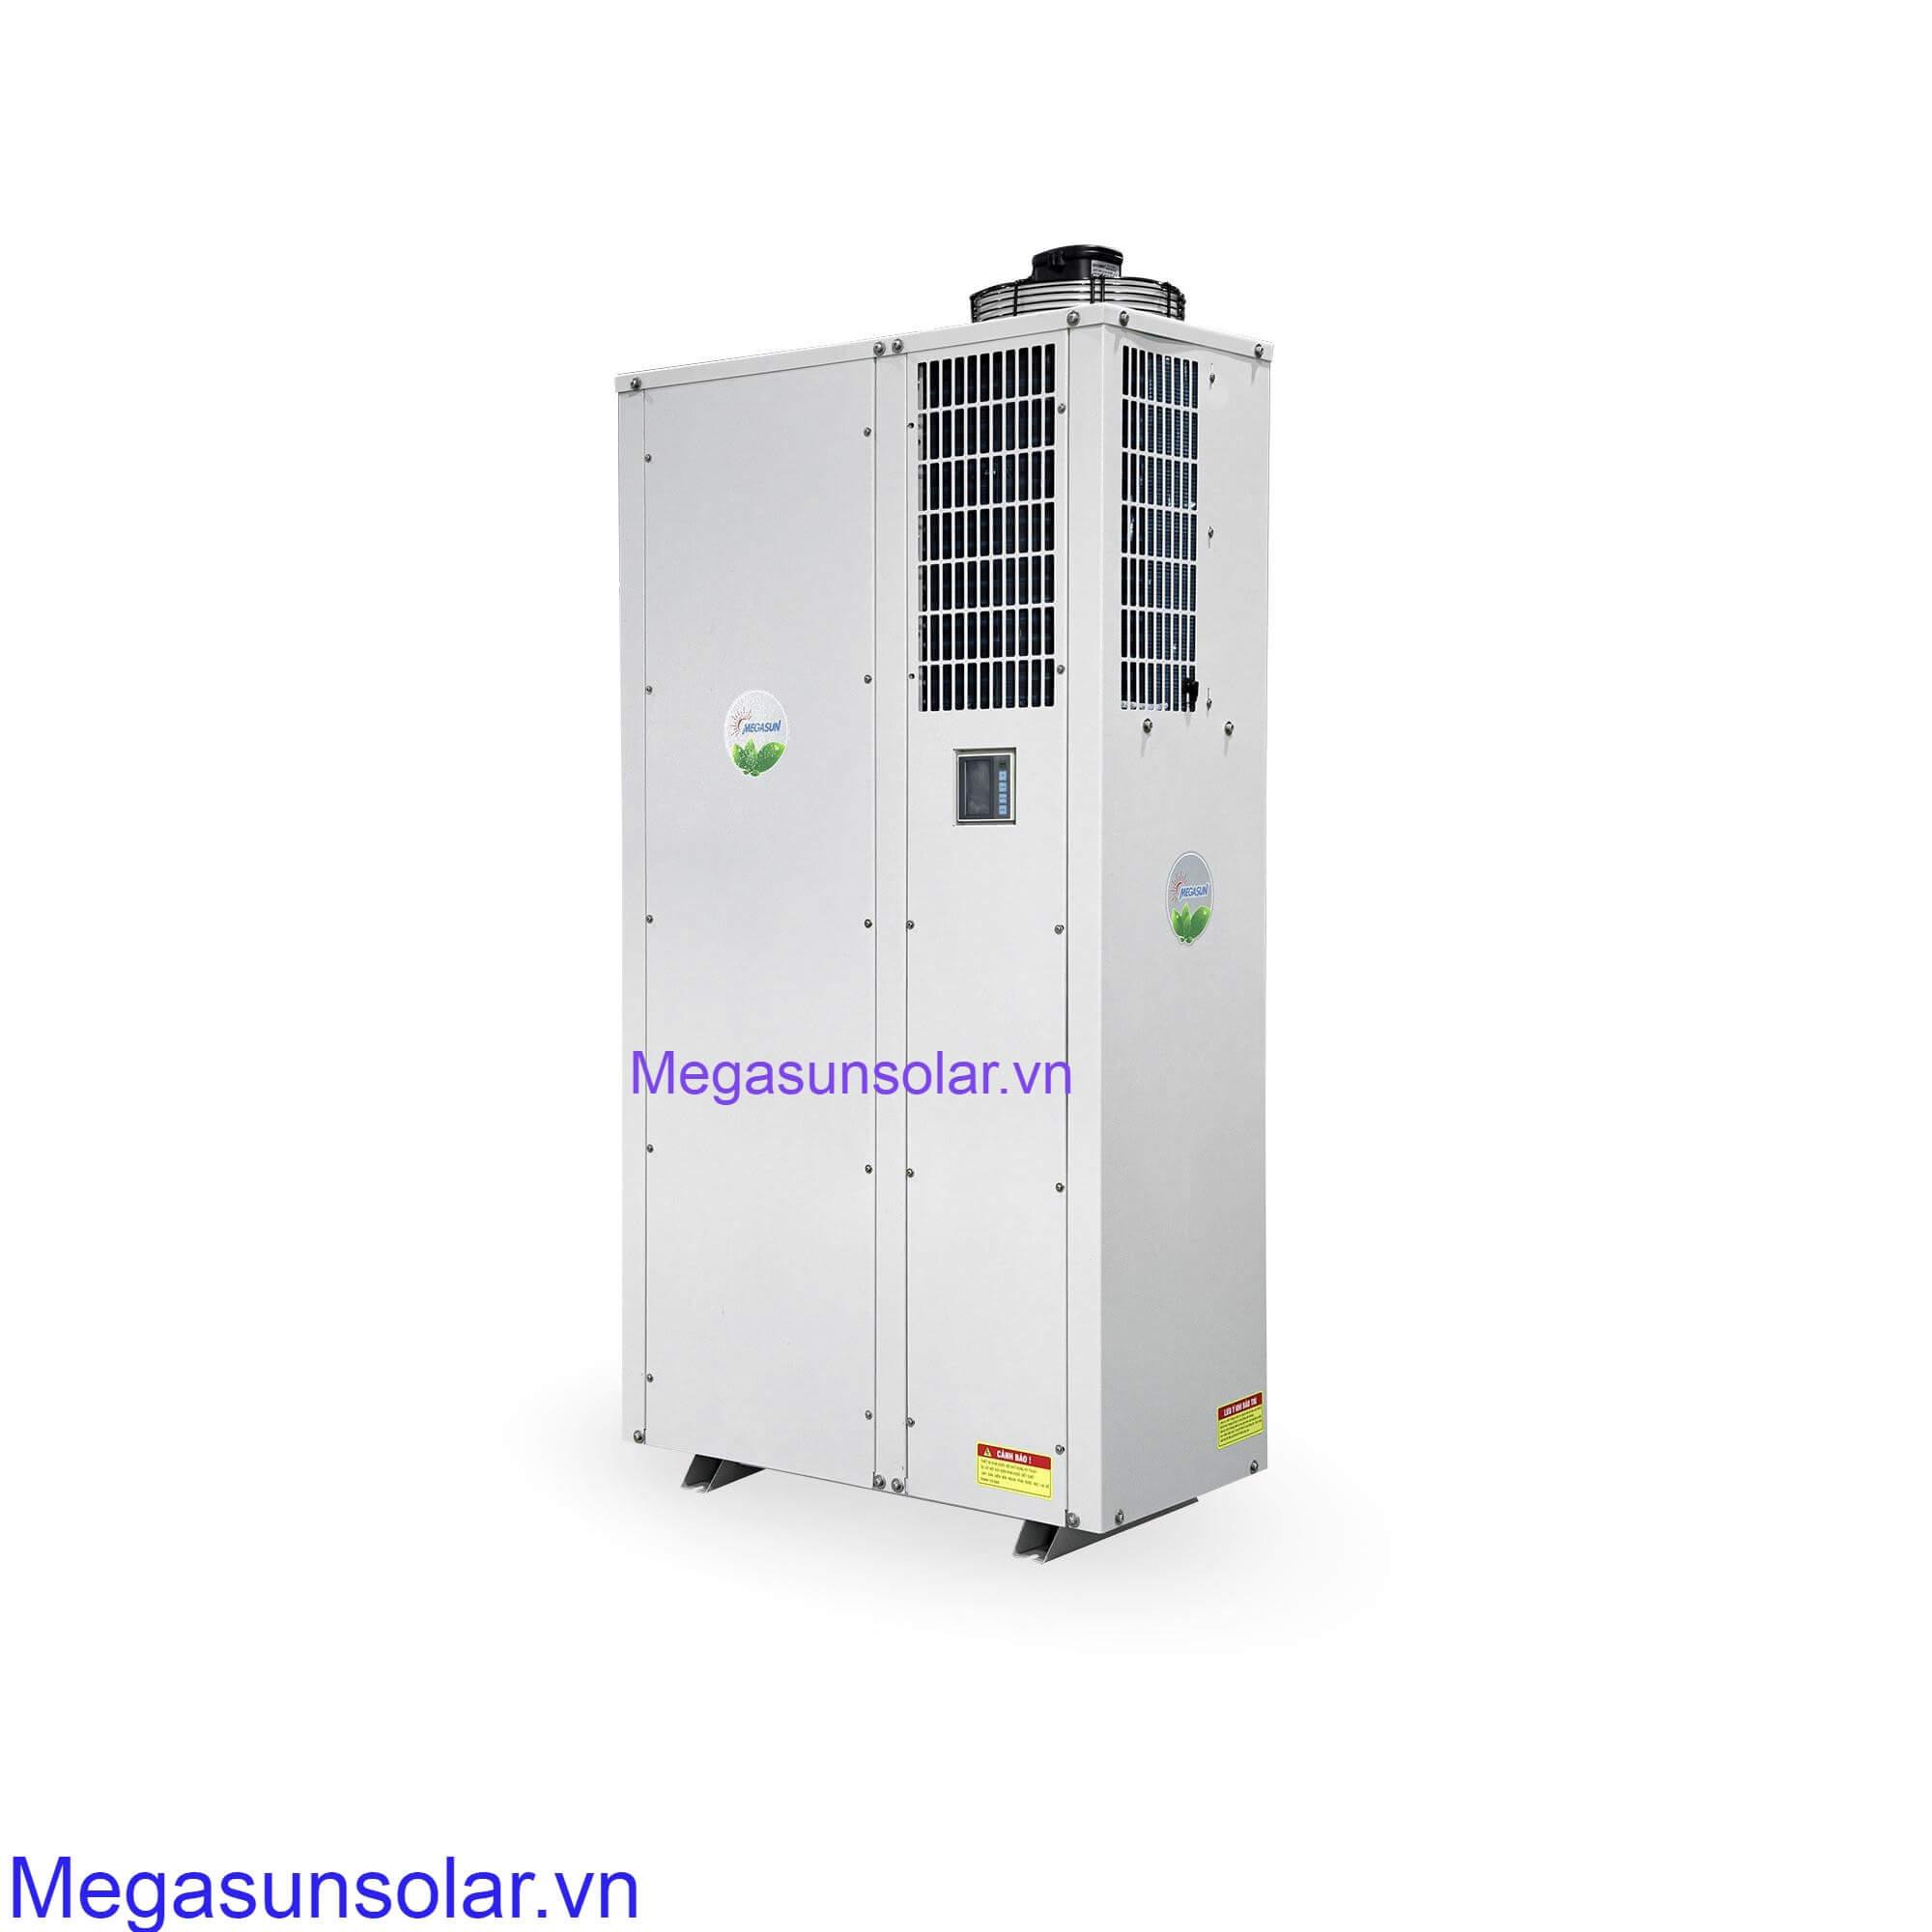 Bình nước nóng heat pump Megasun All in one MGS-120D